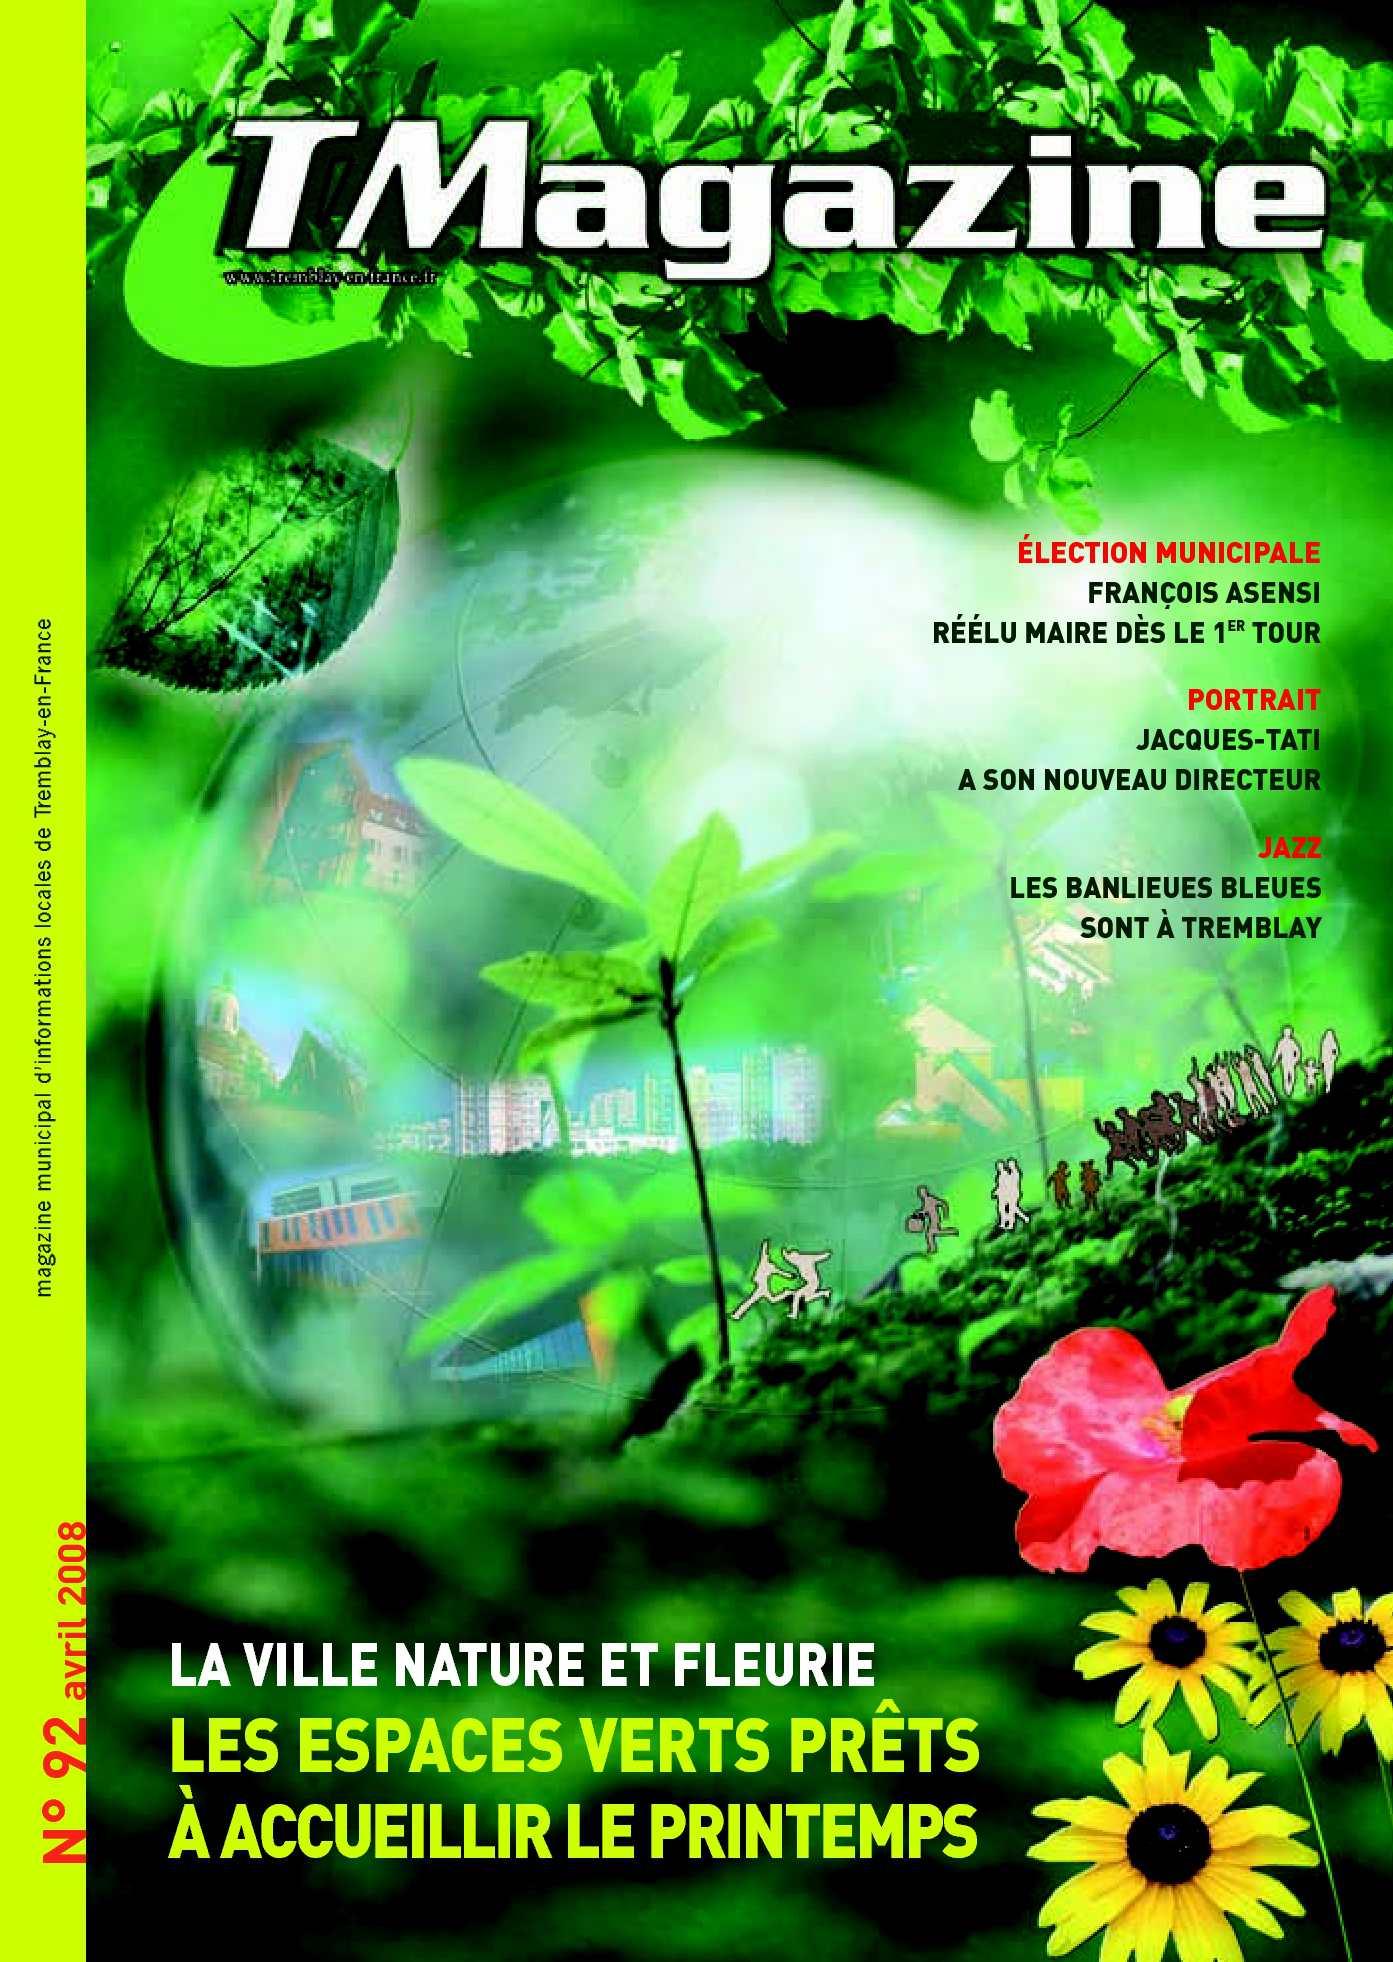 Calaméo - Tremblay Magazine n°92 - Avril 2008 2b9ef1fd30f